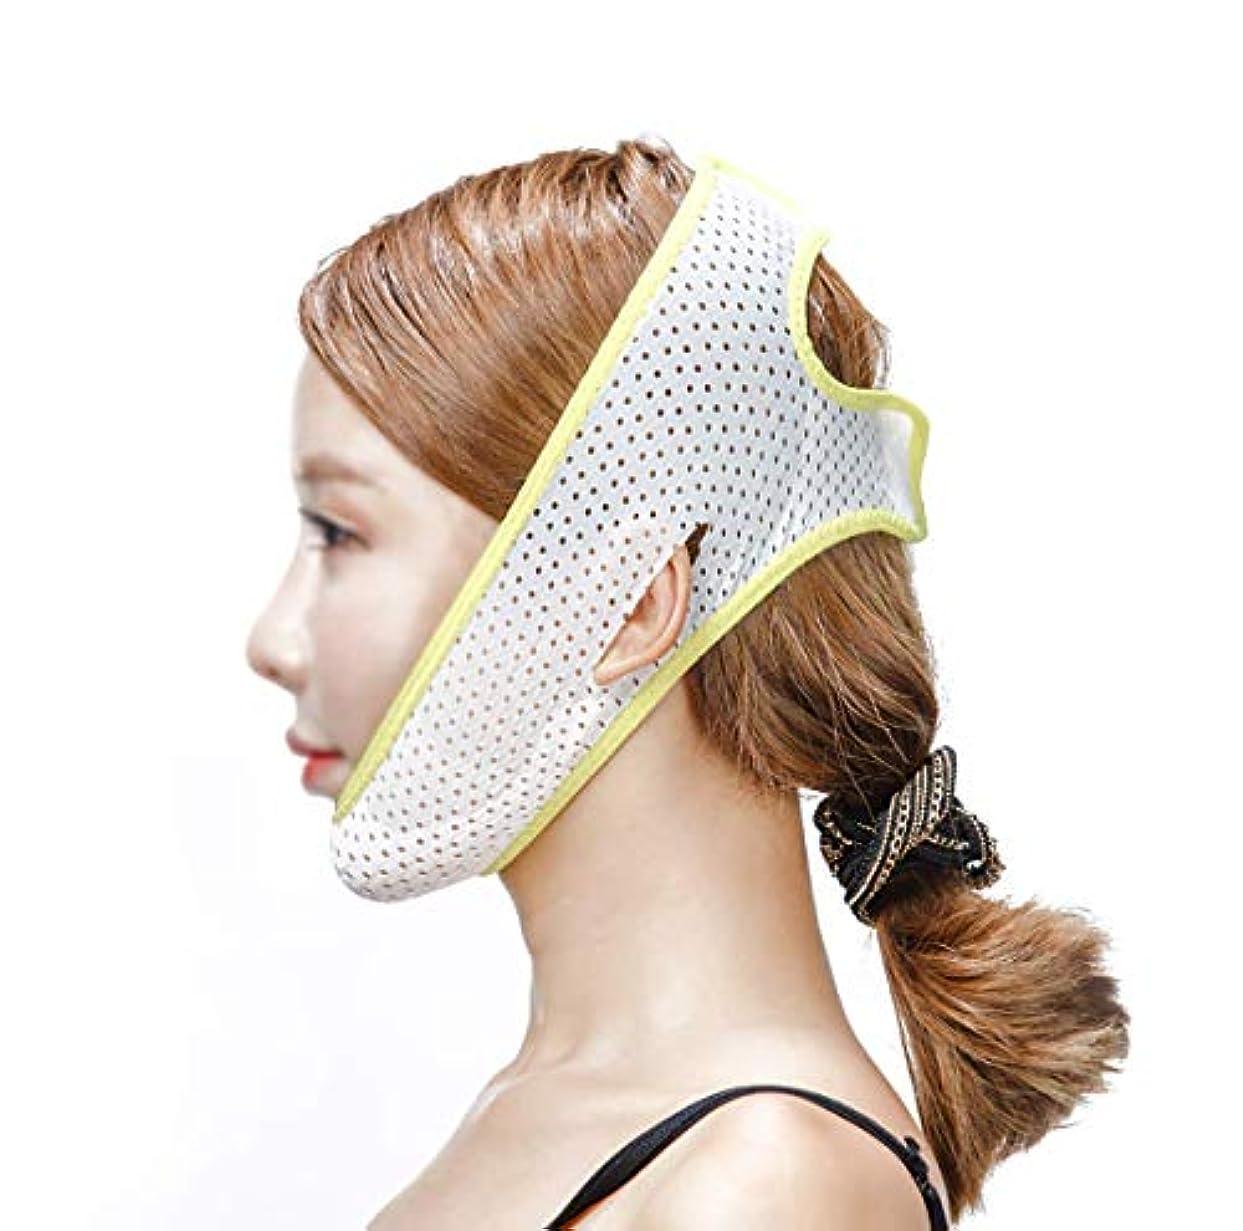 政令モス引き金フェイスリフトマスク、あごストラップ回復包帯睡眠薄いフェイス包帯薄いフェイスマスクフェイスリフトアーチファクトフェイスリフトで小さいV顔を強化する美容マスク包帯(色:黄色と白)